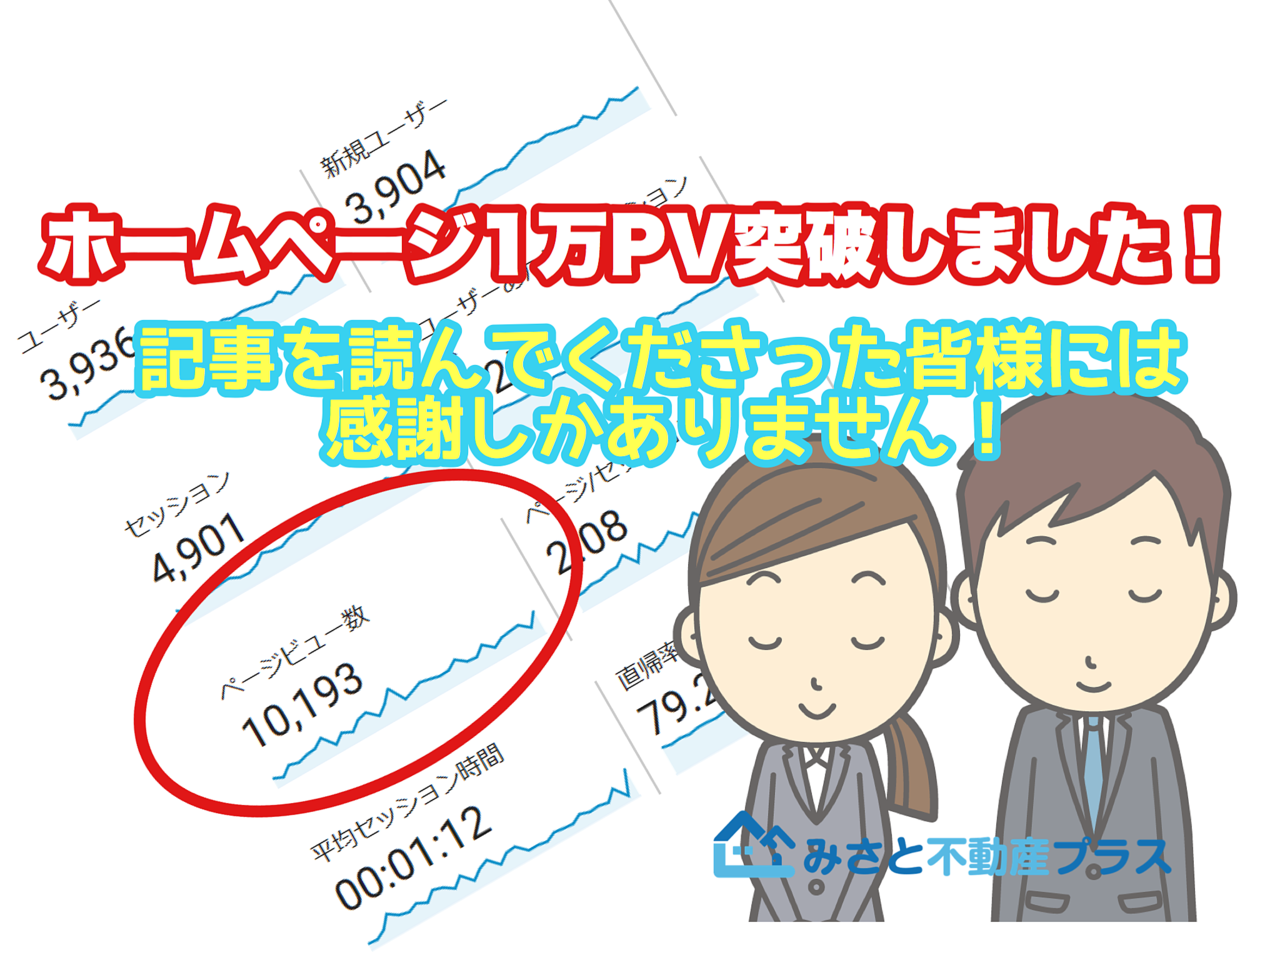 ホームページ直近30日間で1万PV(ページビュー)突破!!